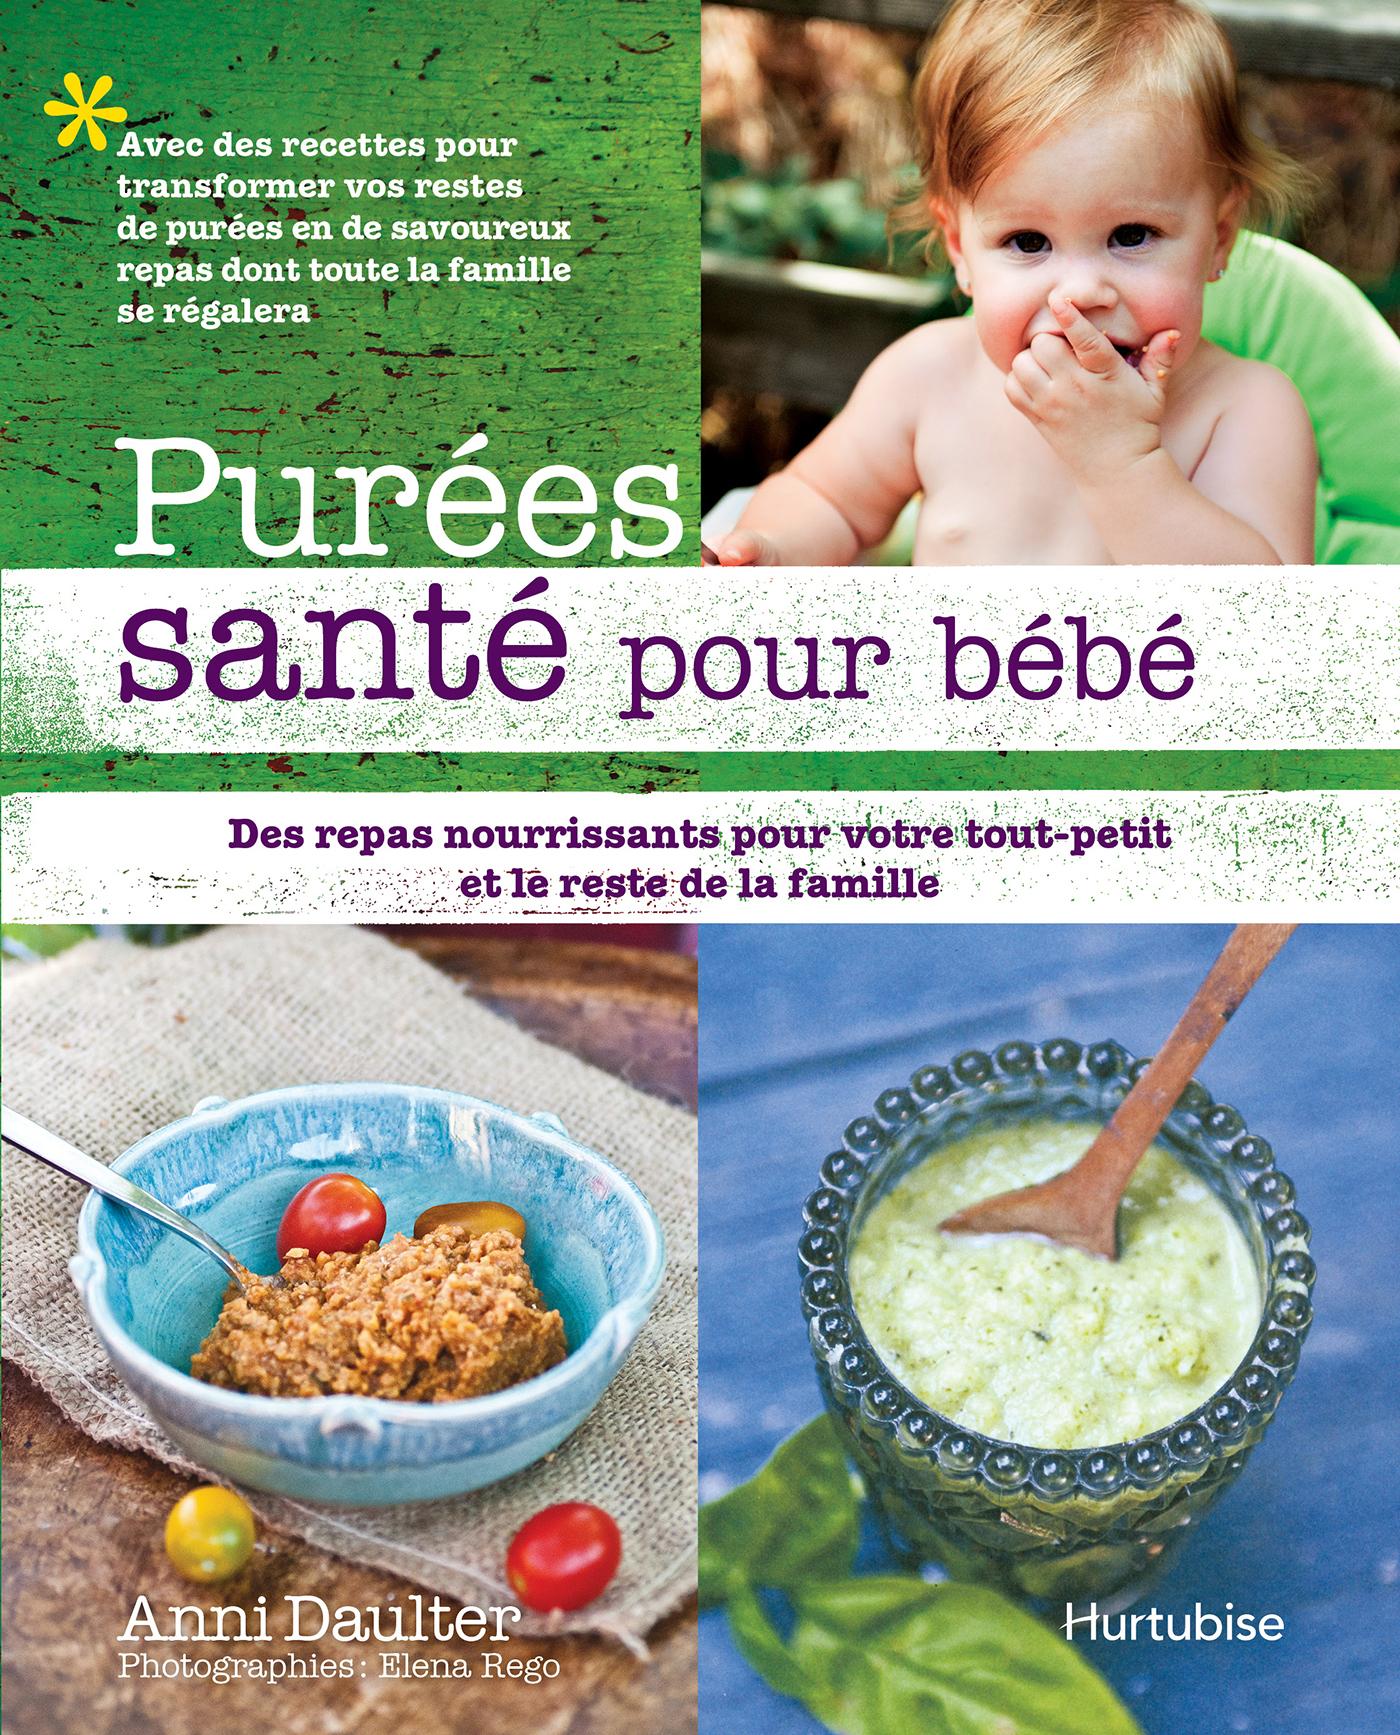 Purées santé pour bébé